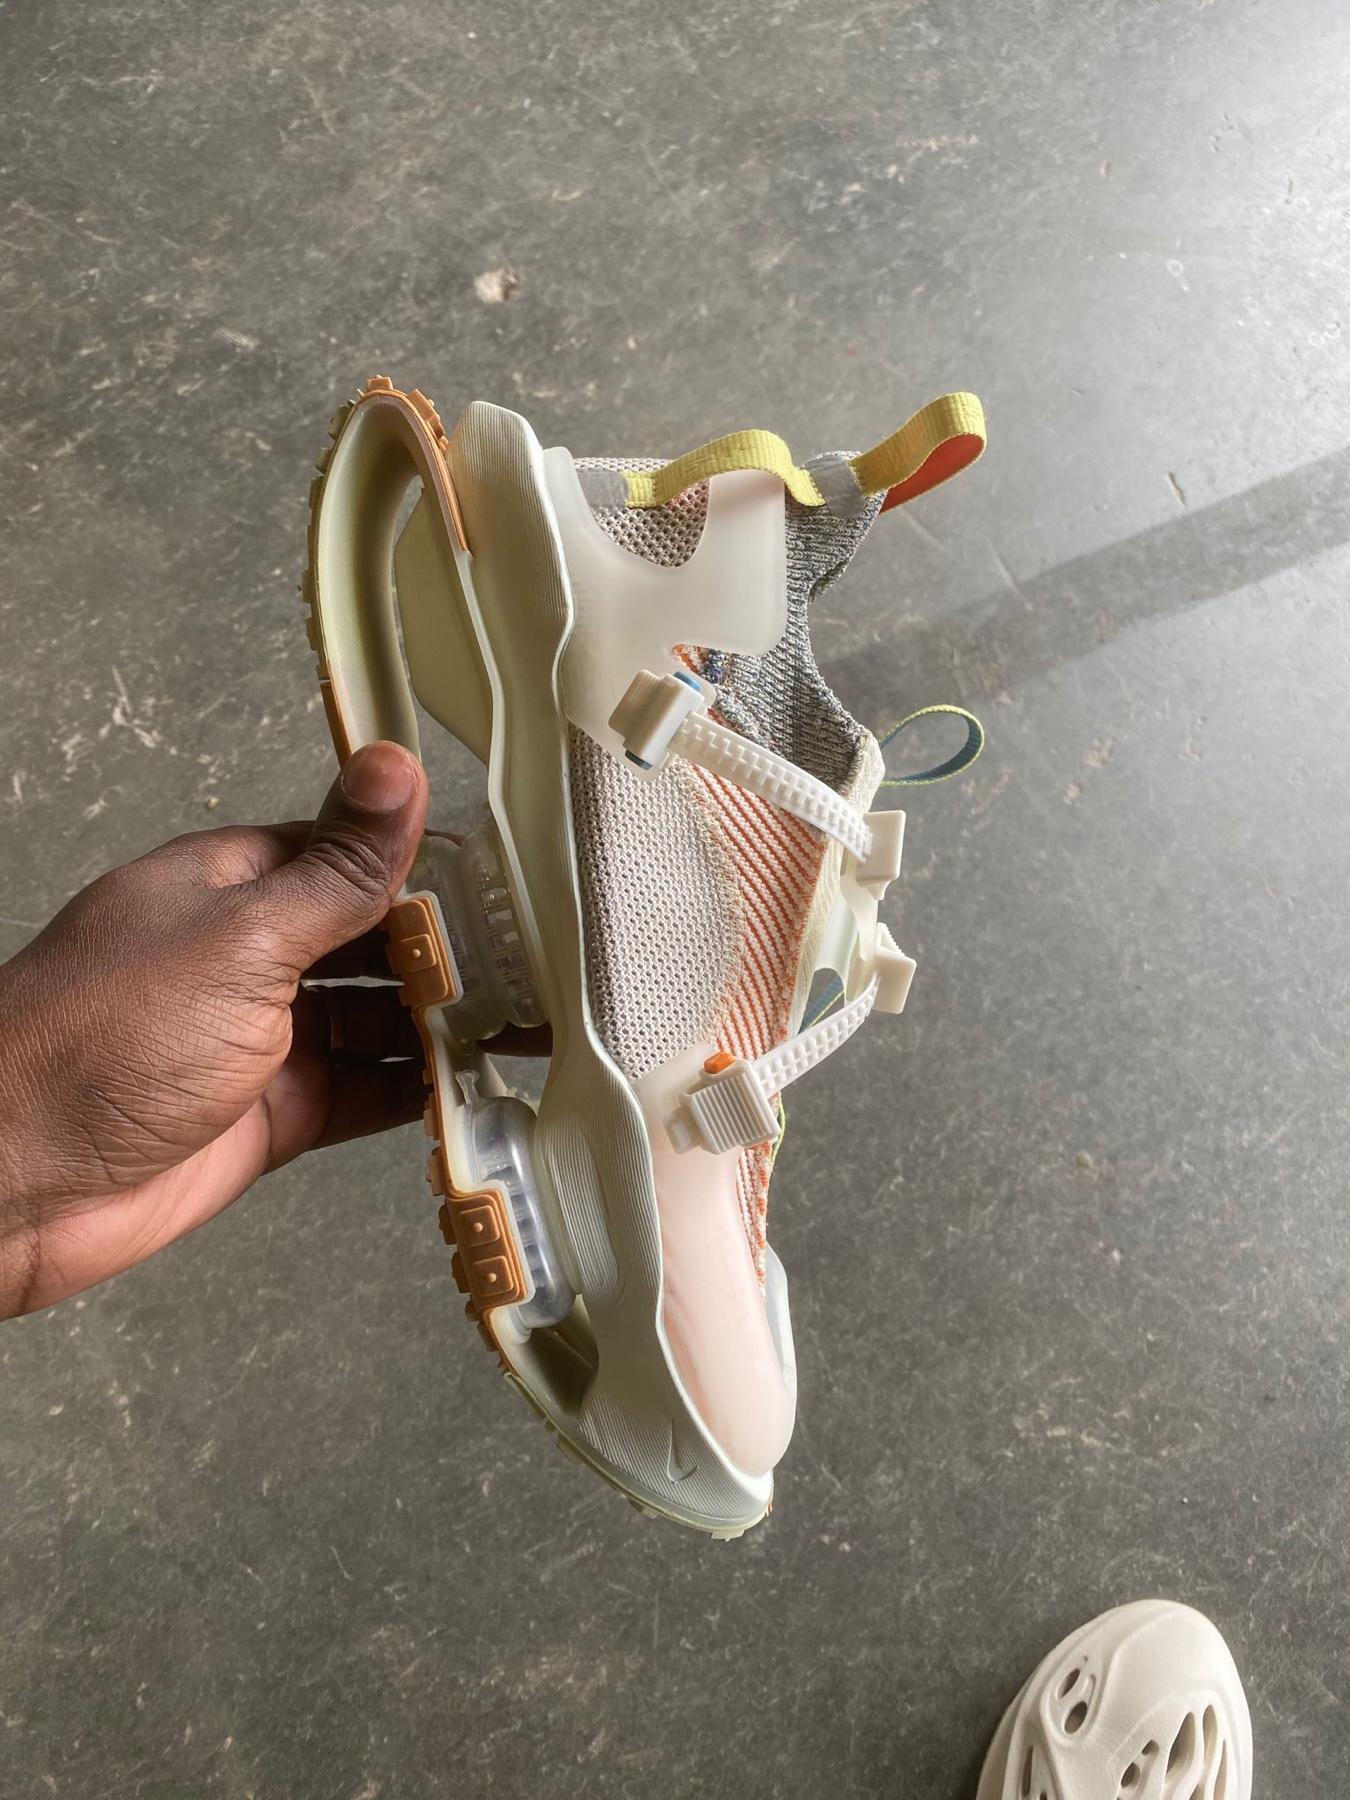 Nike ISPA Road Warrior Kanye West